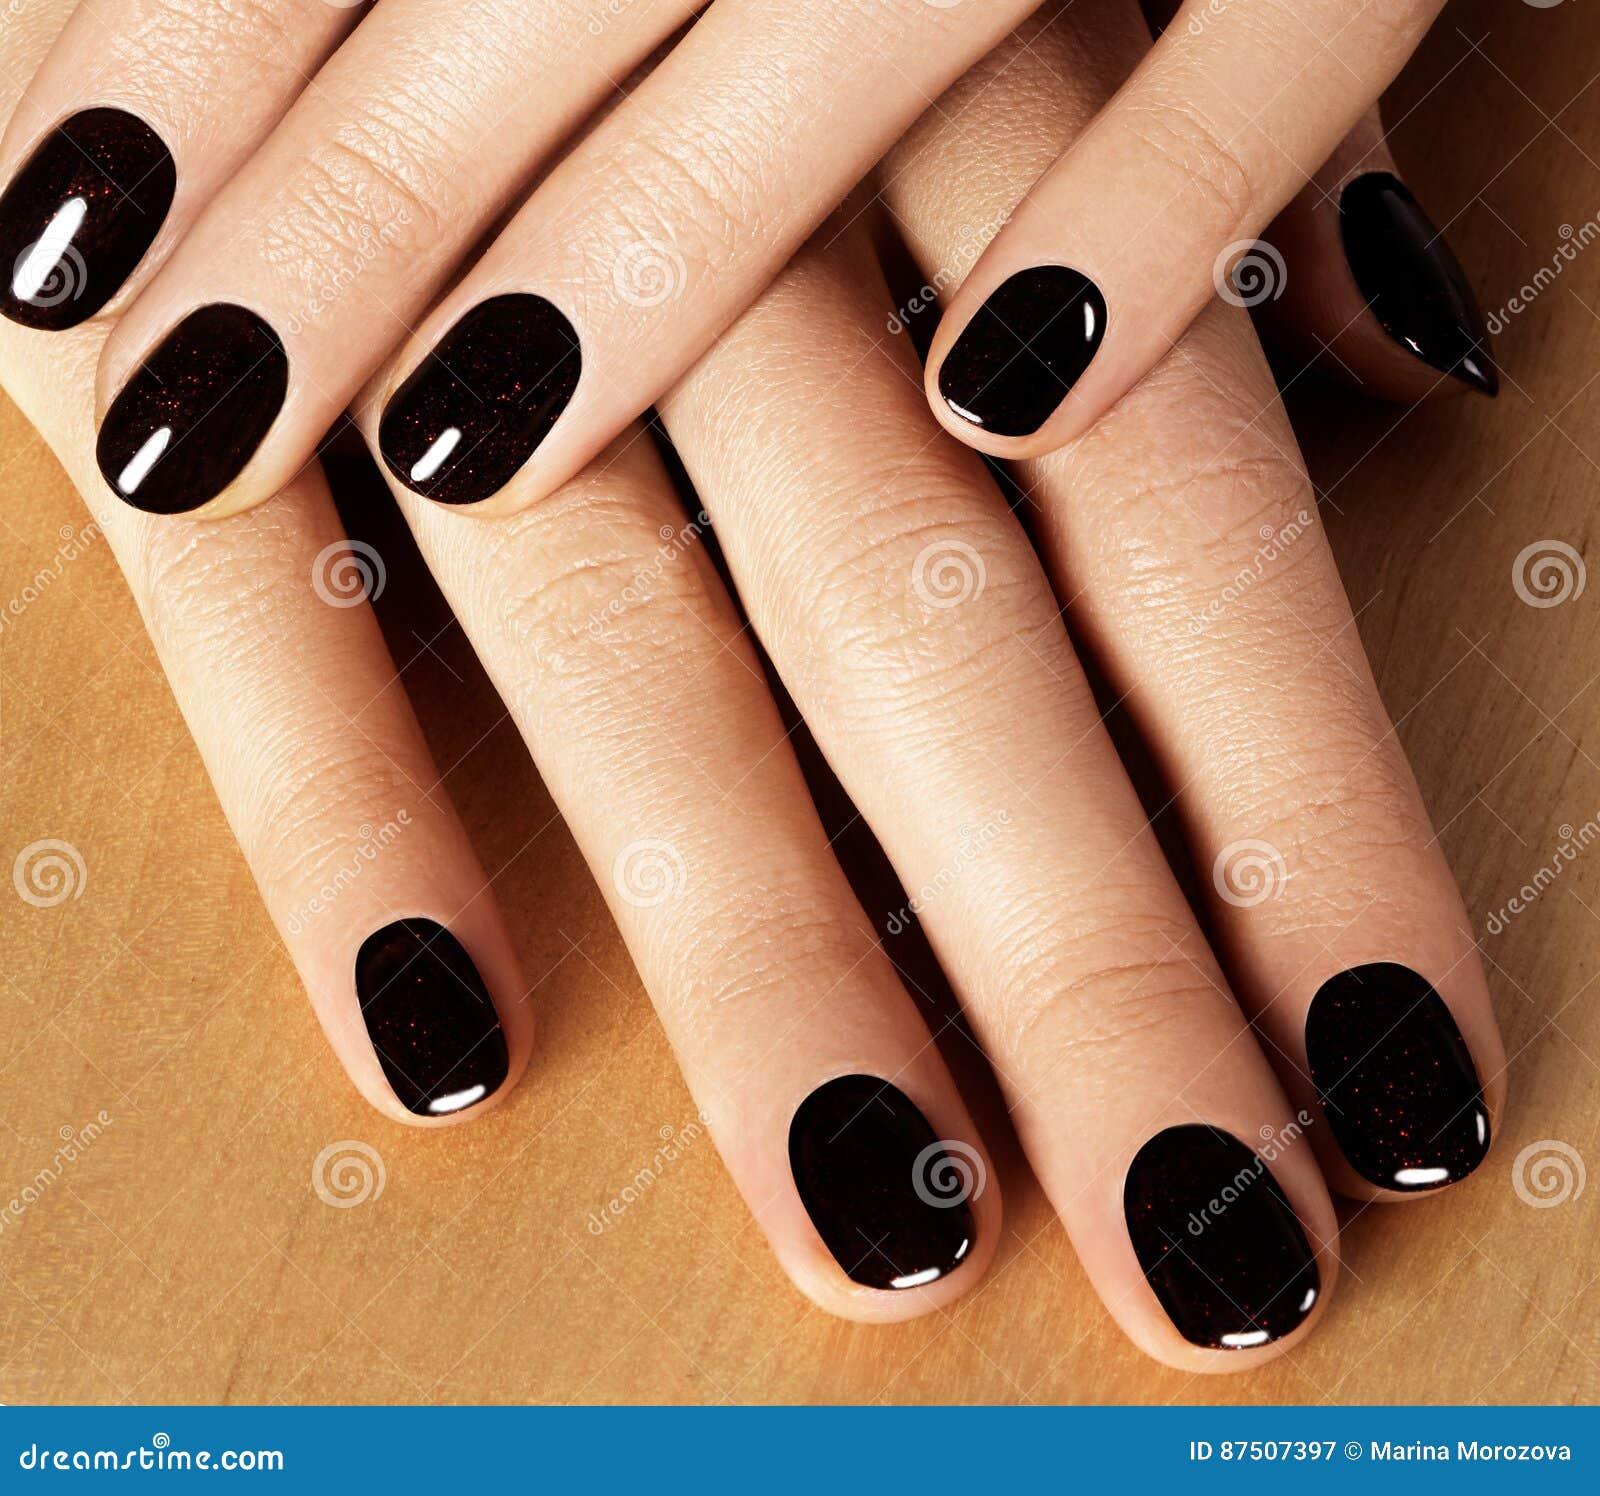 Unghie Dipinte Con Smalto Nero Manicure Con Nailpolish Scuro